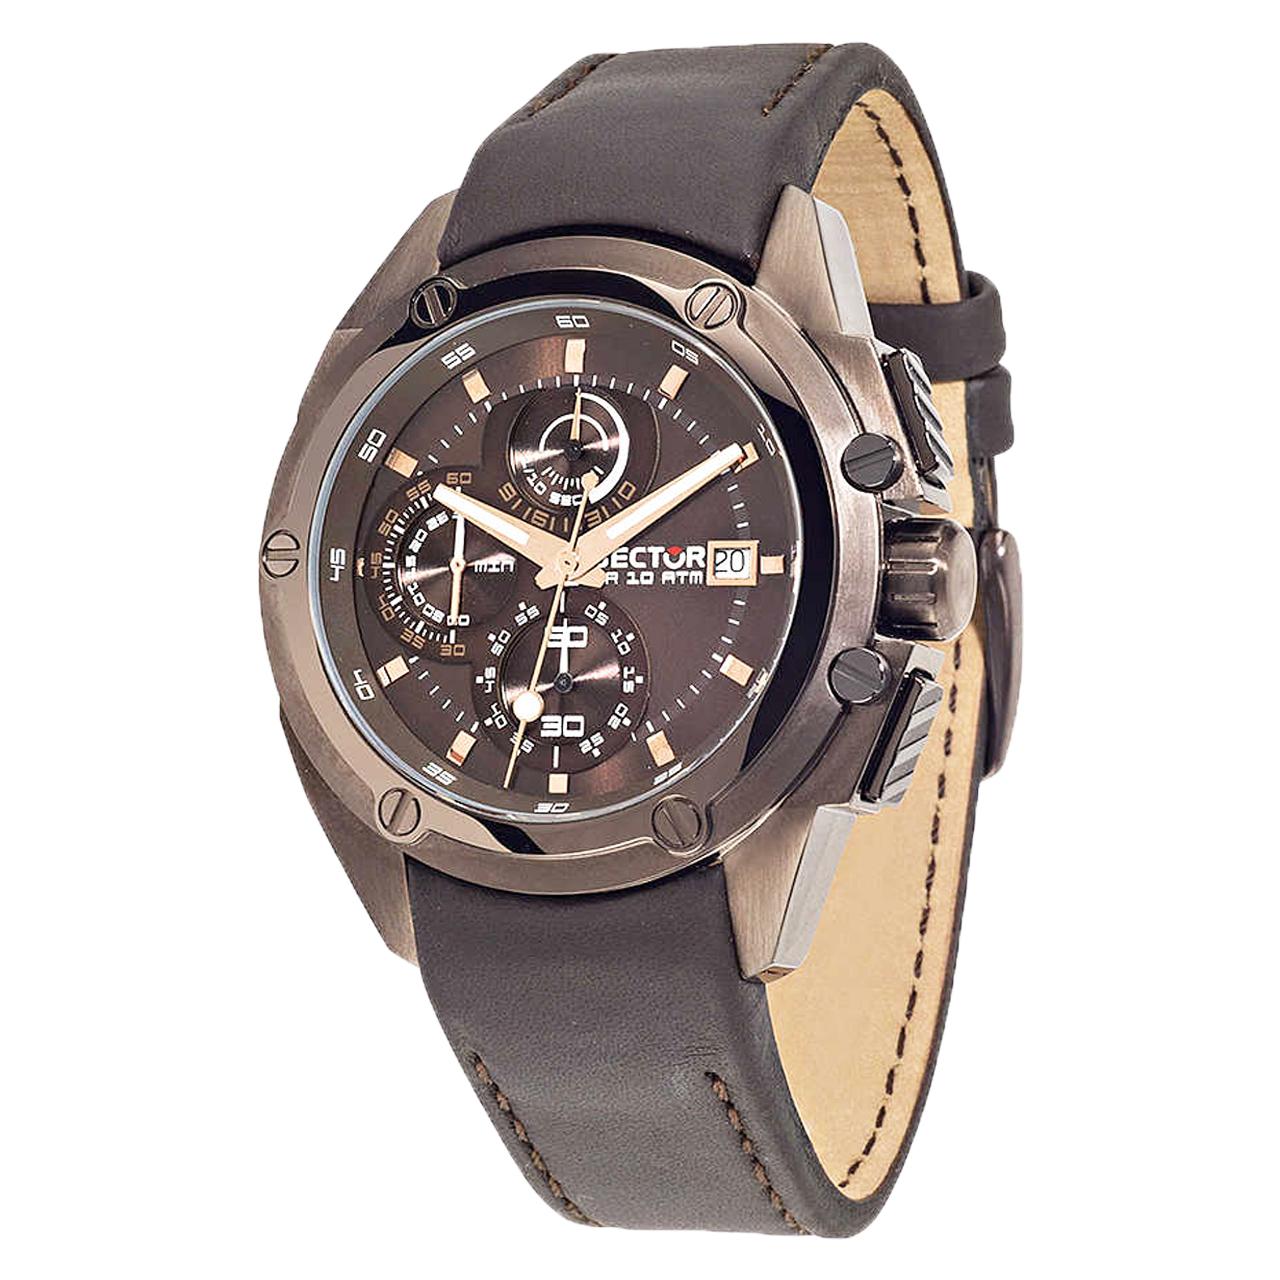 ساعت مچی عقربه ای مردانه سکتور مدل 3271981001 18